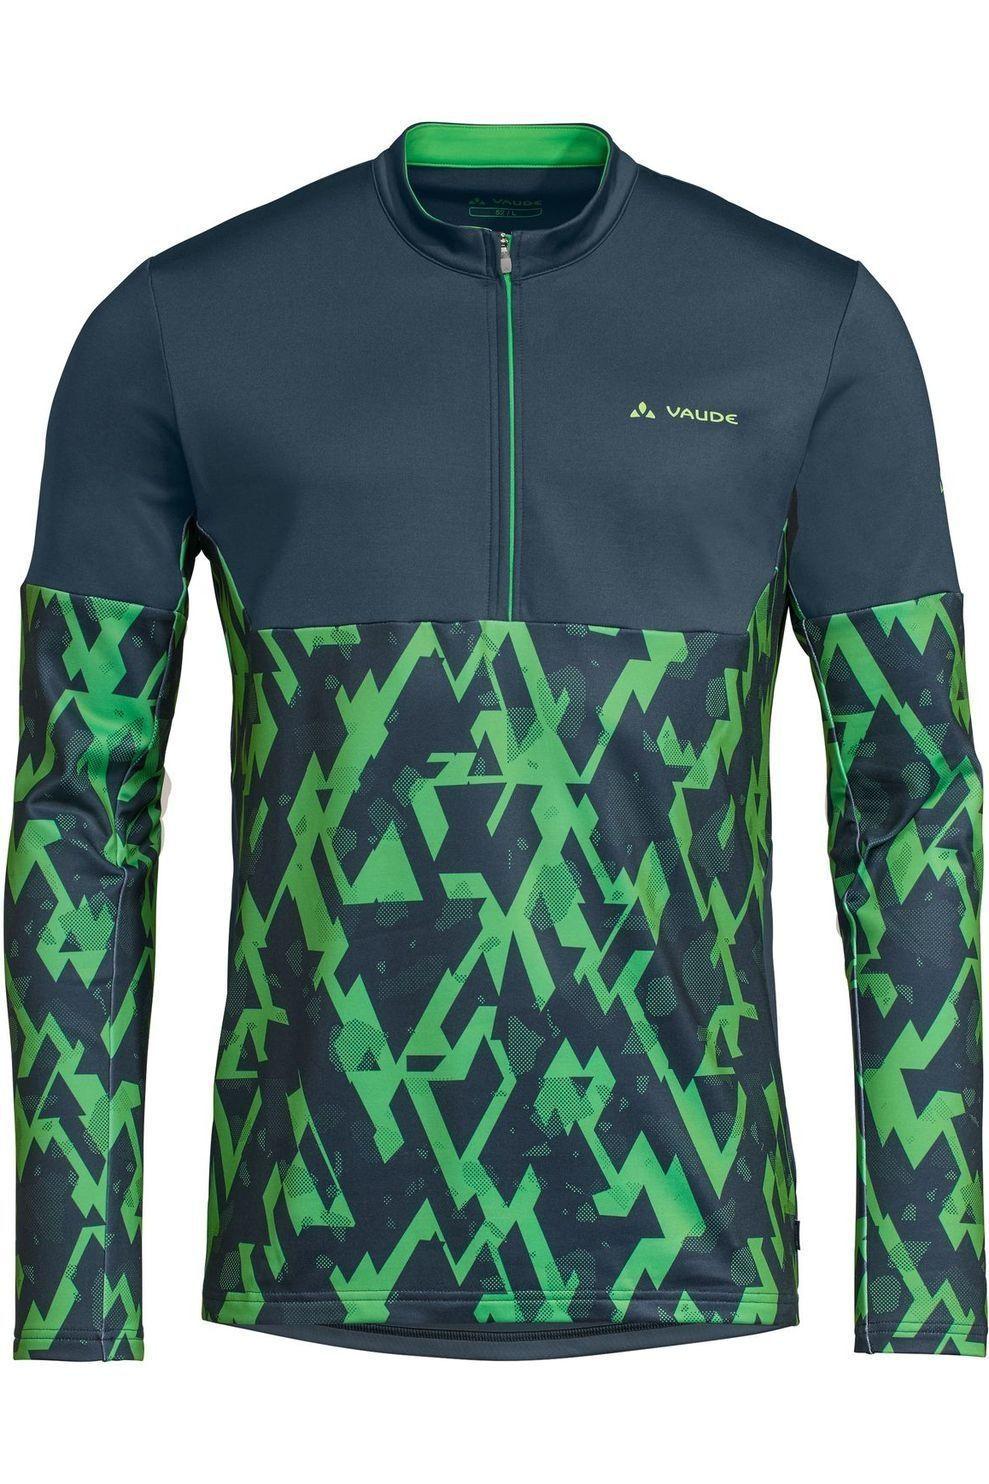 VAUDE T-Shirt Virt Qzip voor heren - Blauw/Groen - Maat: S